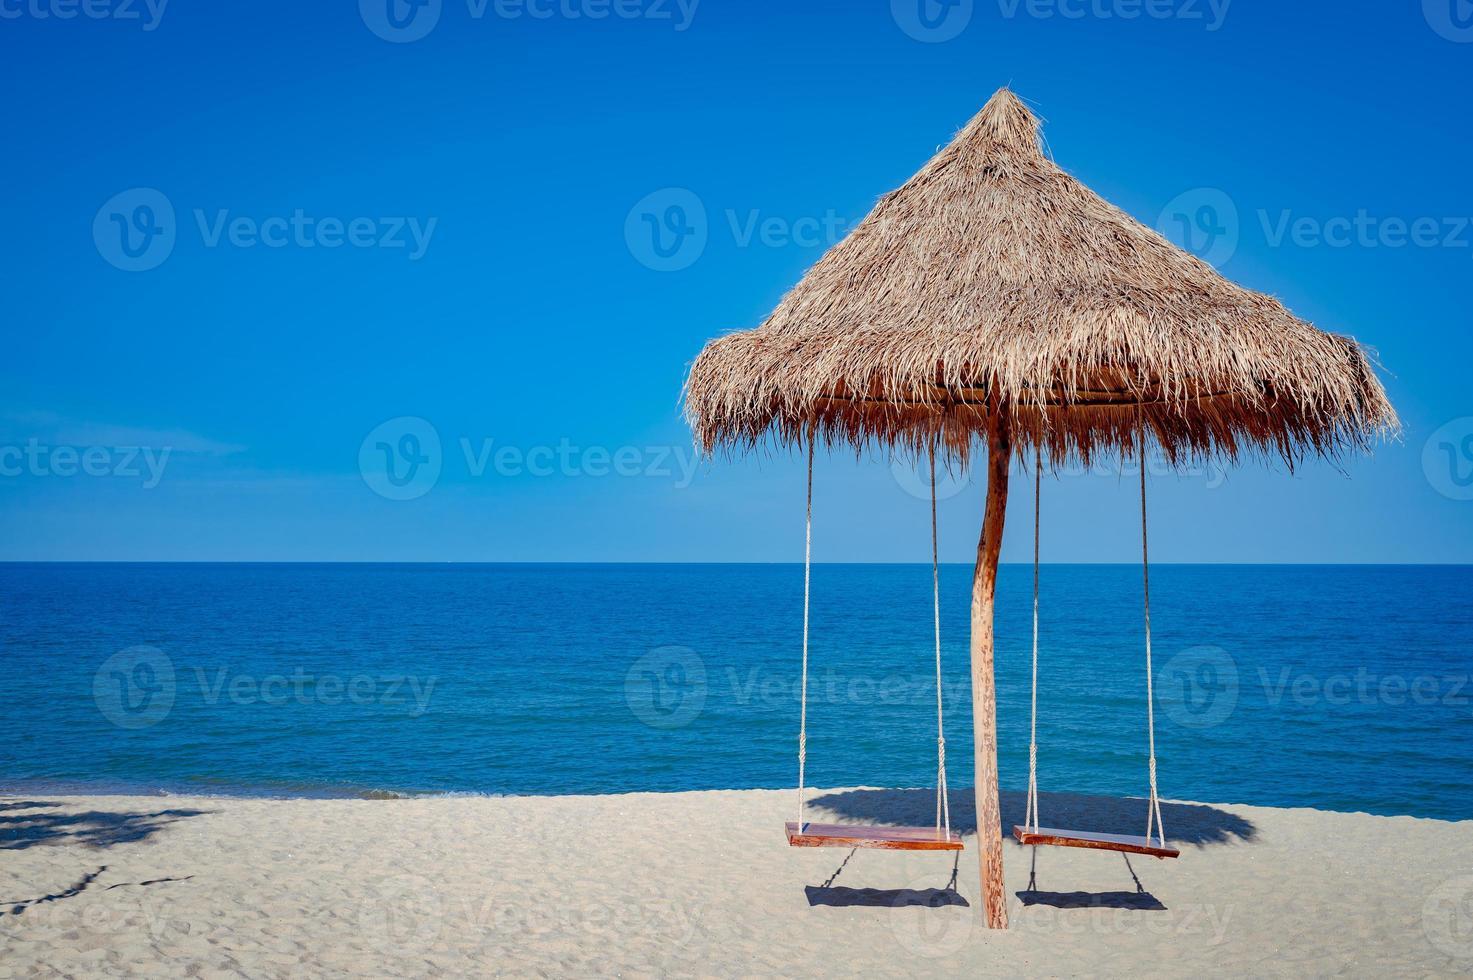 Columpios de cabaña de madera en la playa en Tailandia foto